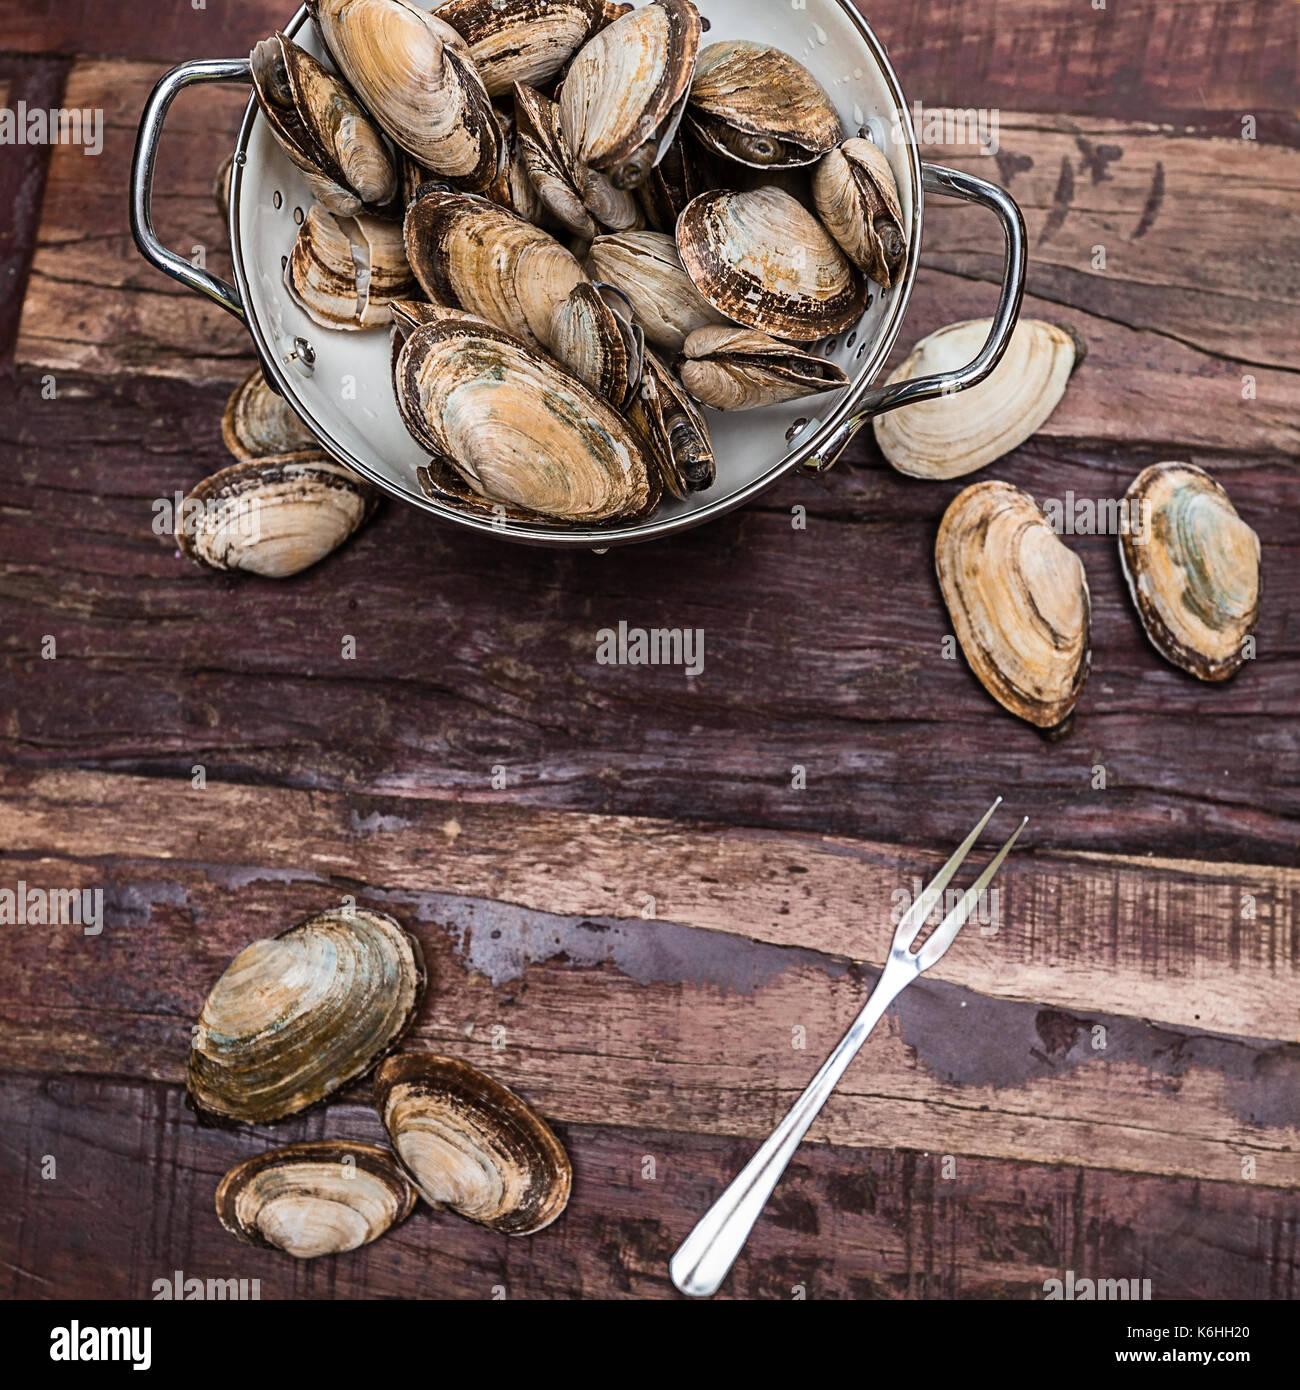 Vaporera almejas de Nueva Inglaterra en un blanquear collider en una rústica mesa lista están limpios y listos para cocinar. Imagen De Stock